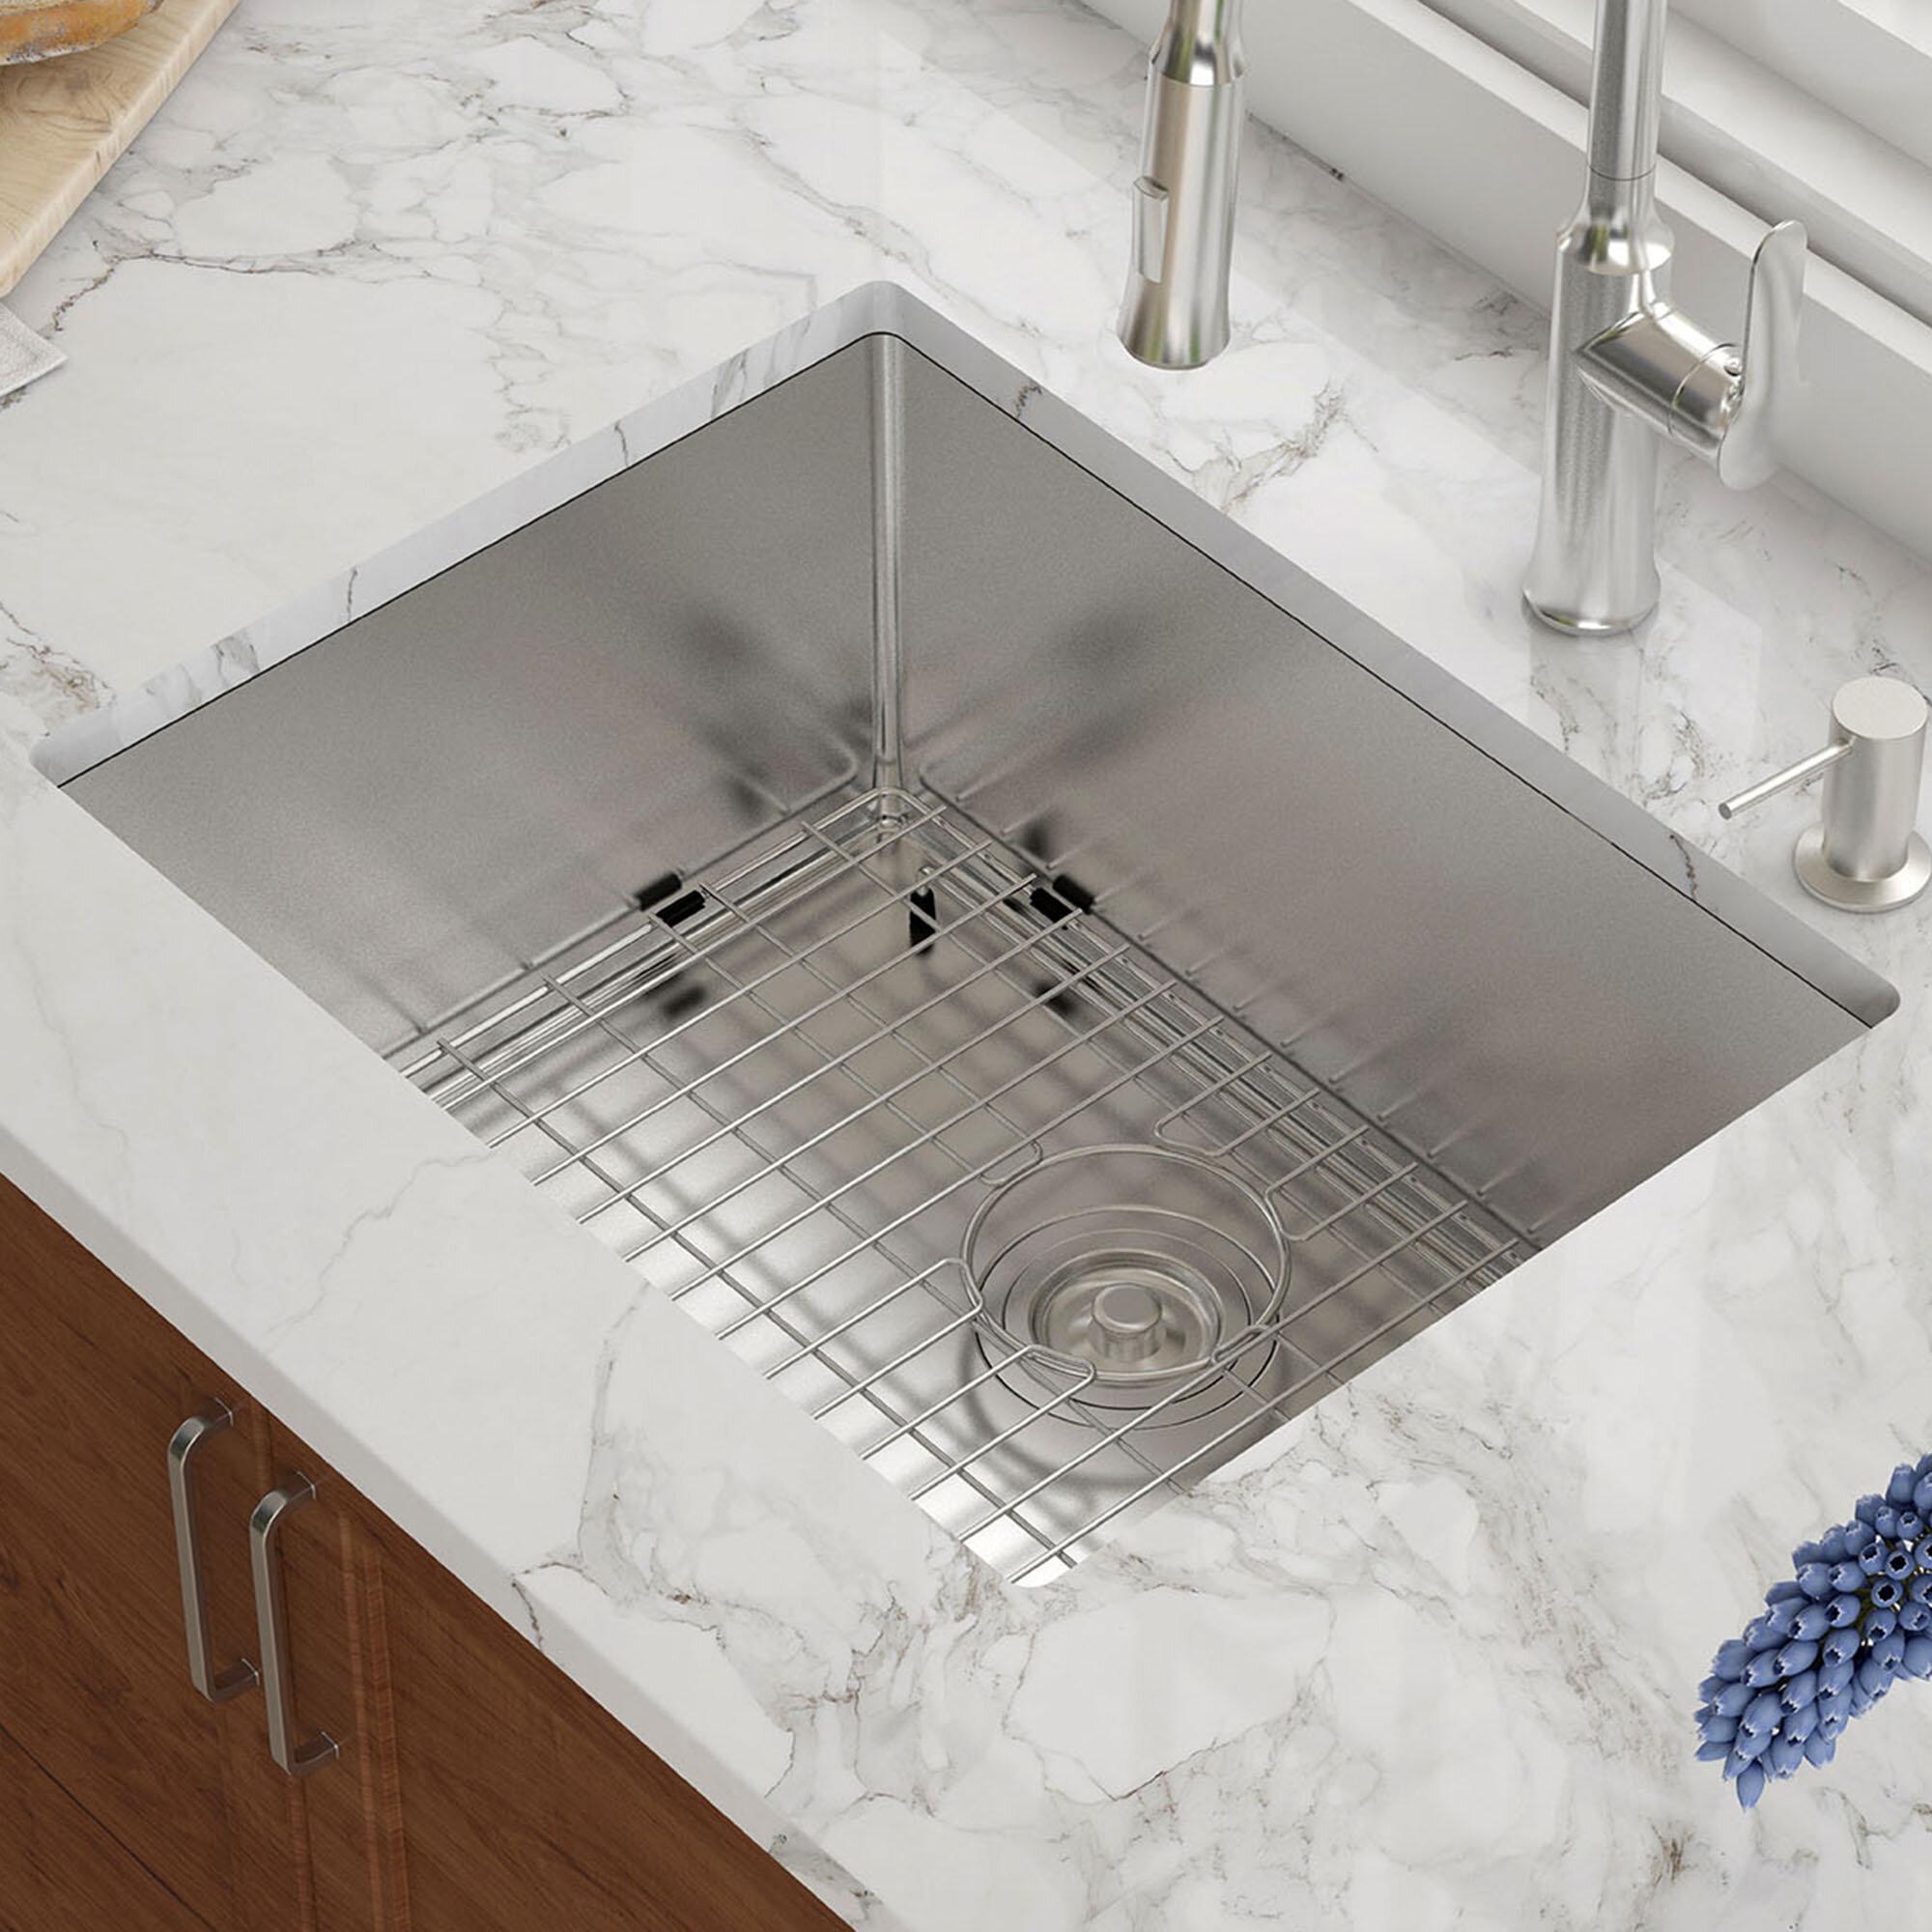 Khu101 23 Kraus L X 18 W Undermount Kitchen Sink Reviews Wayfair